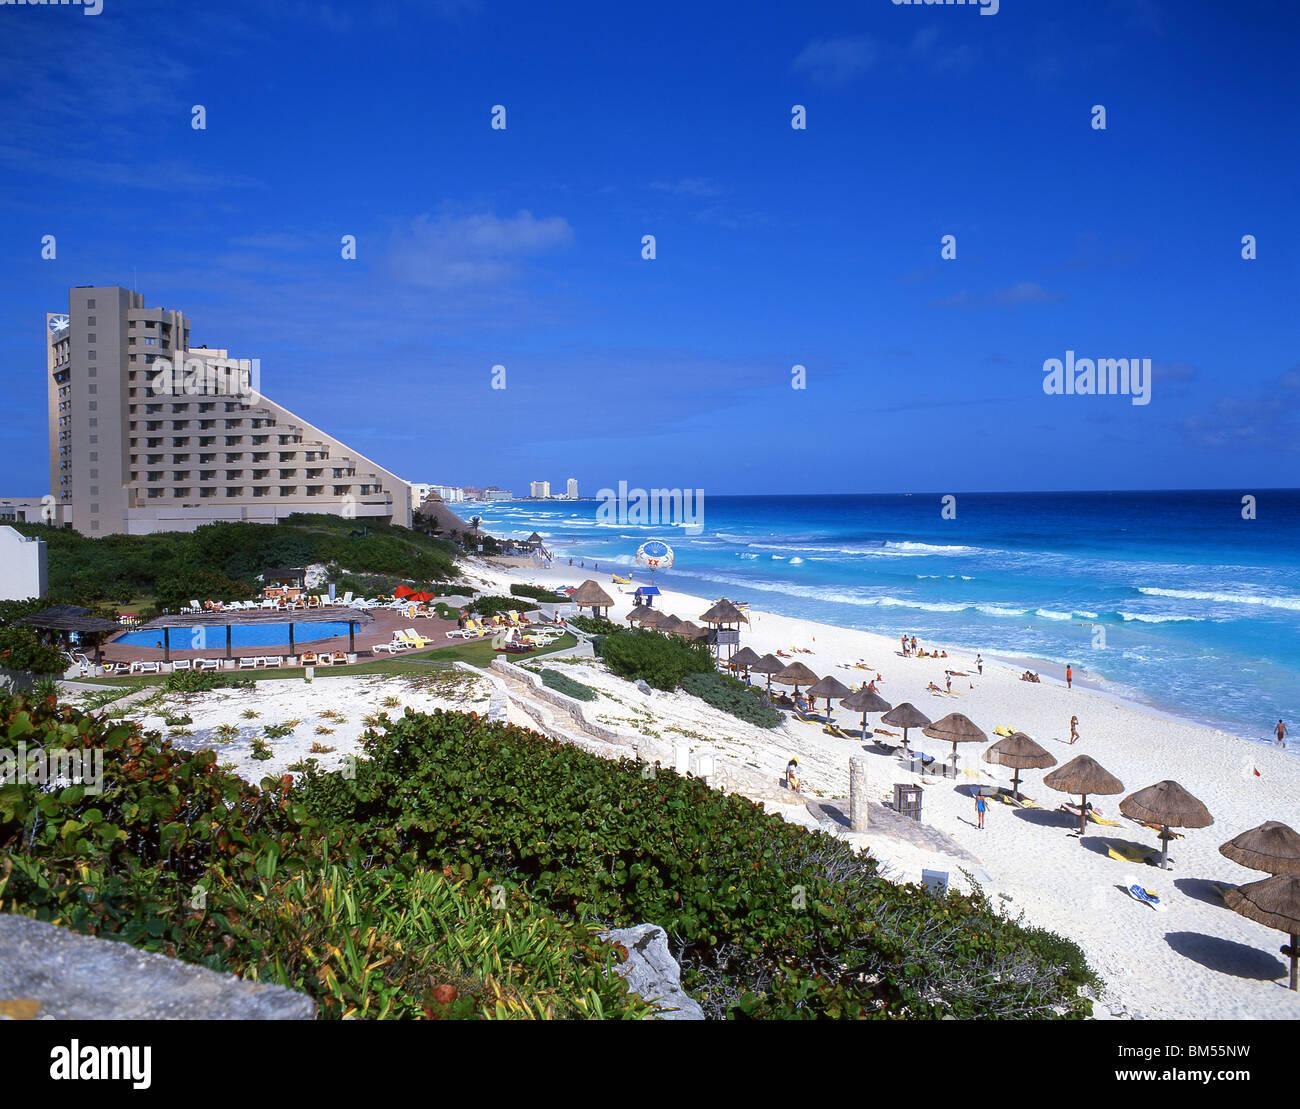 Beach View Hotel Zone Cancun Yucatan Peninsula Quintana Roo